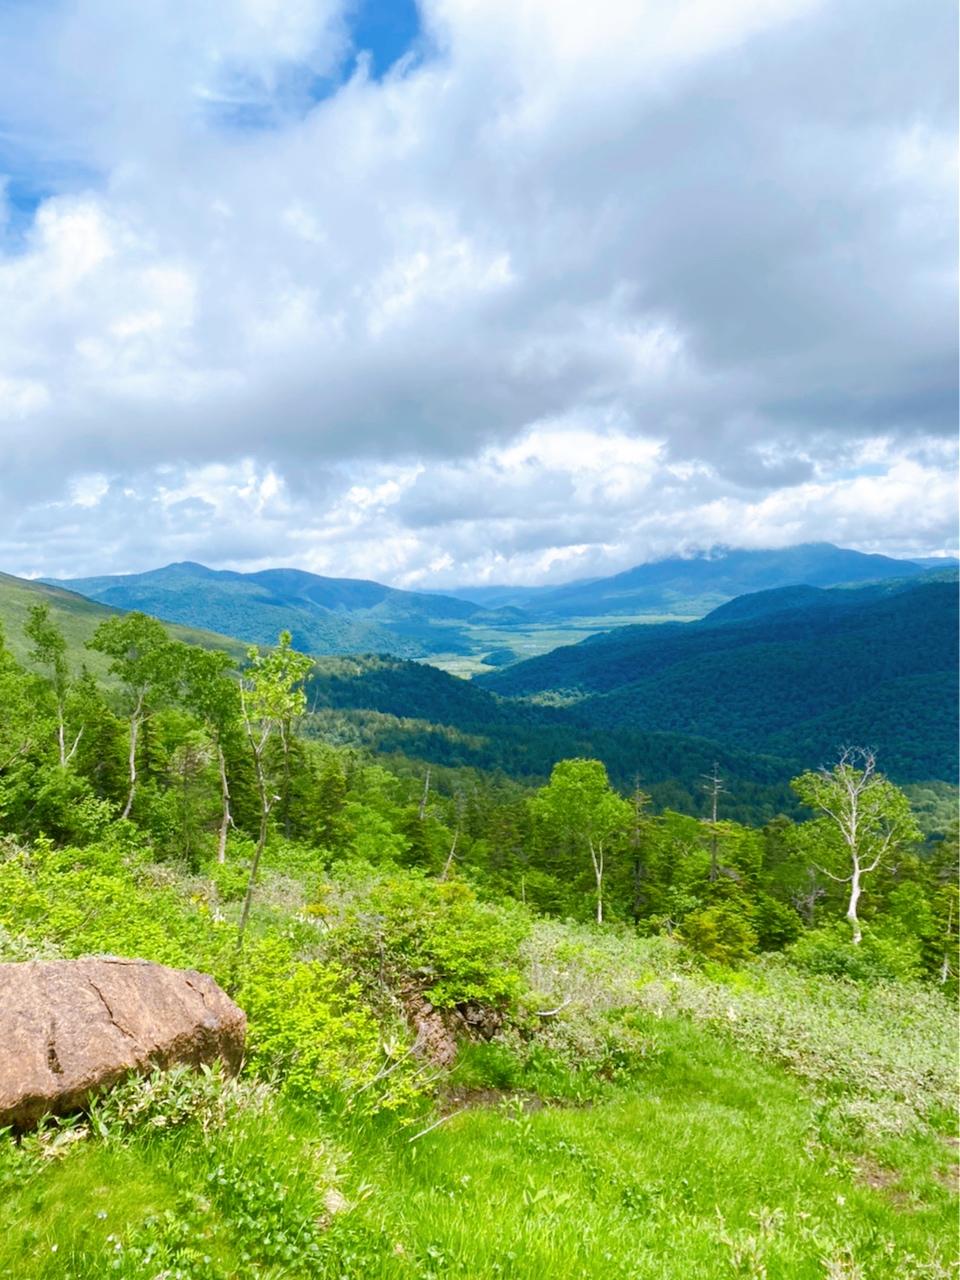 【ハイキング】尾瀬で自然を感じる山登り_3